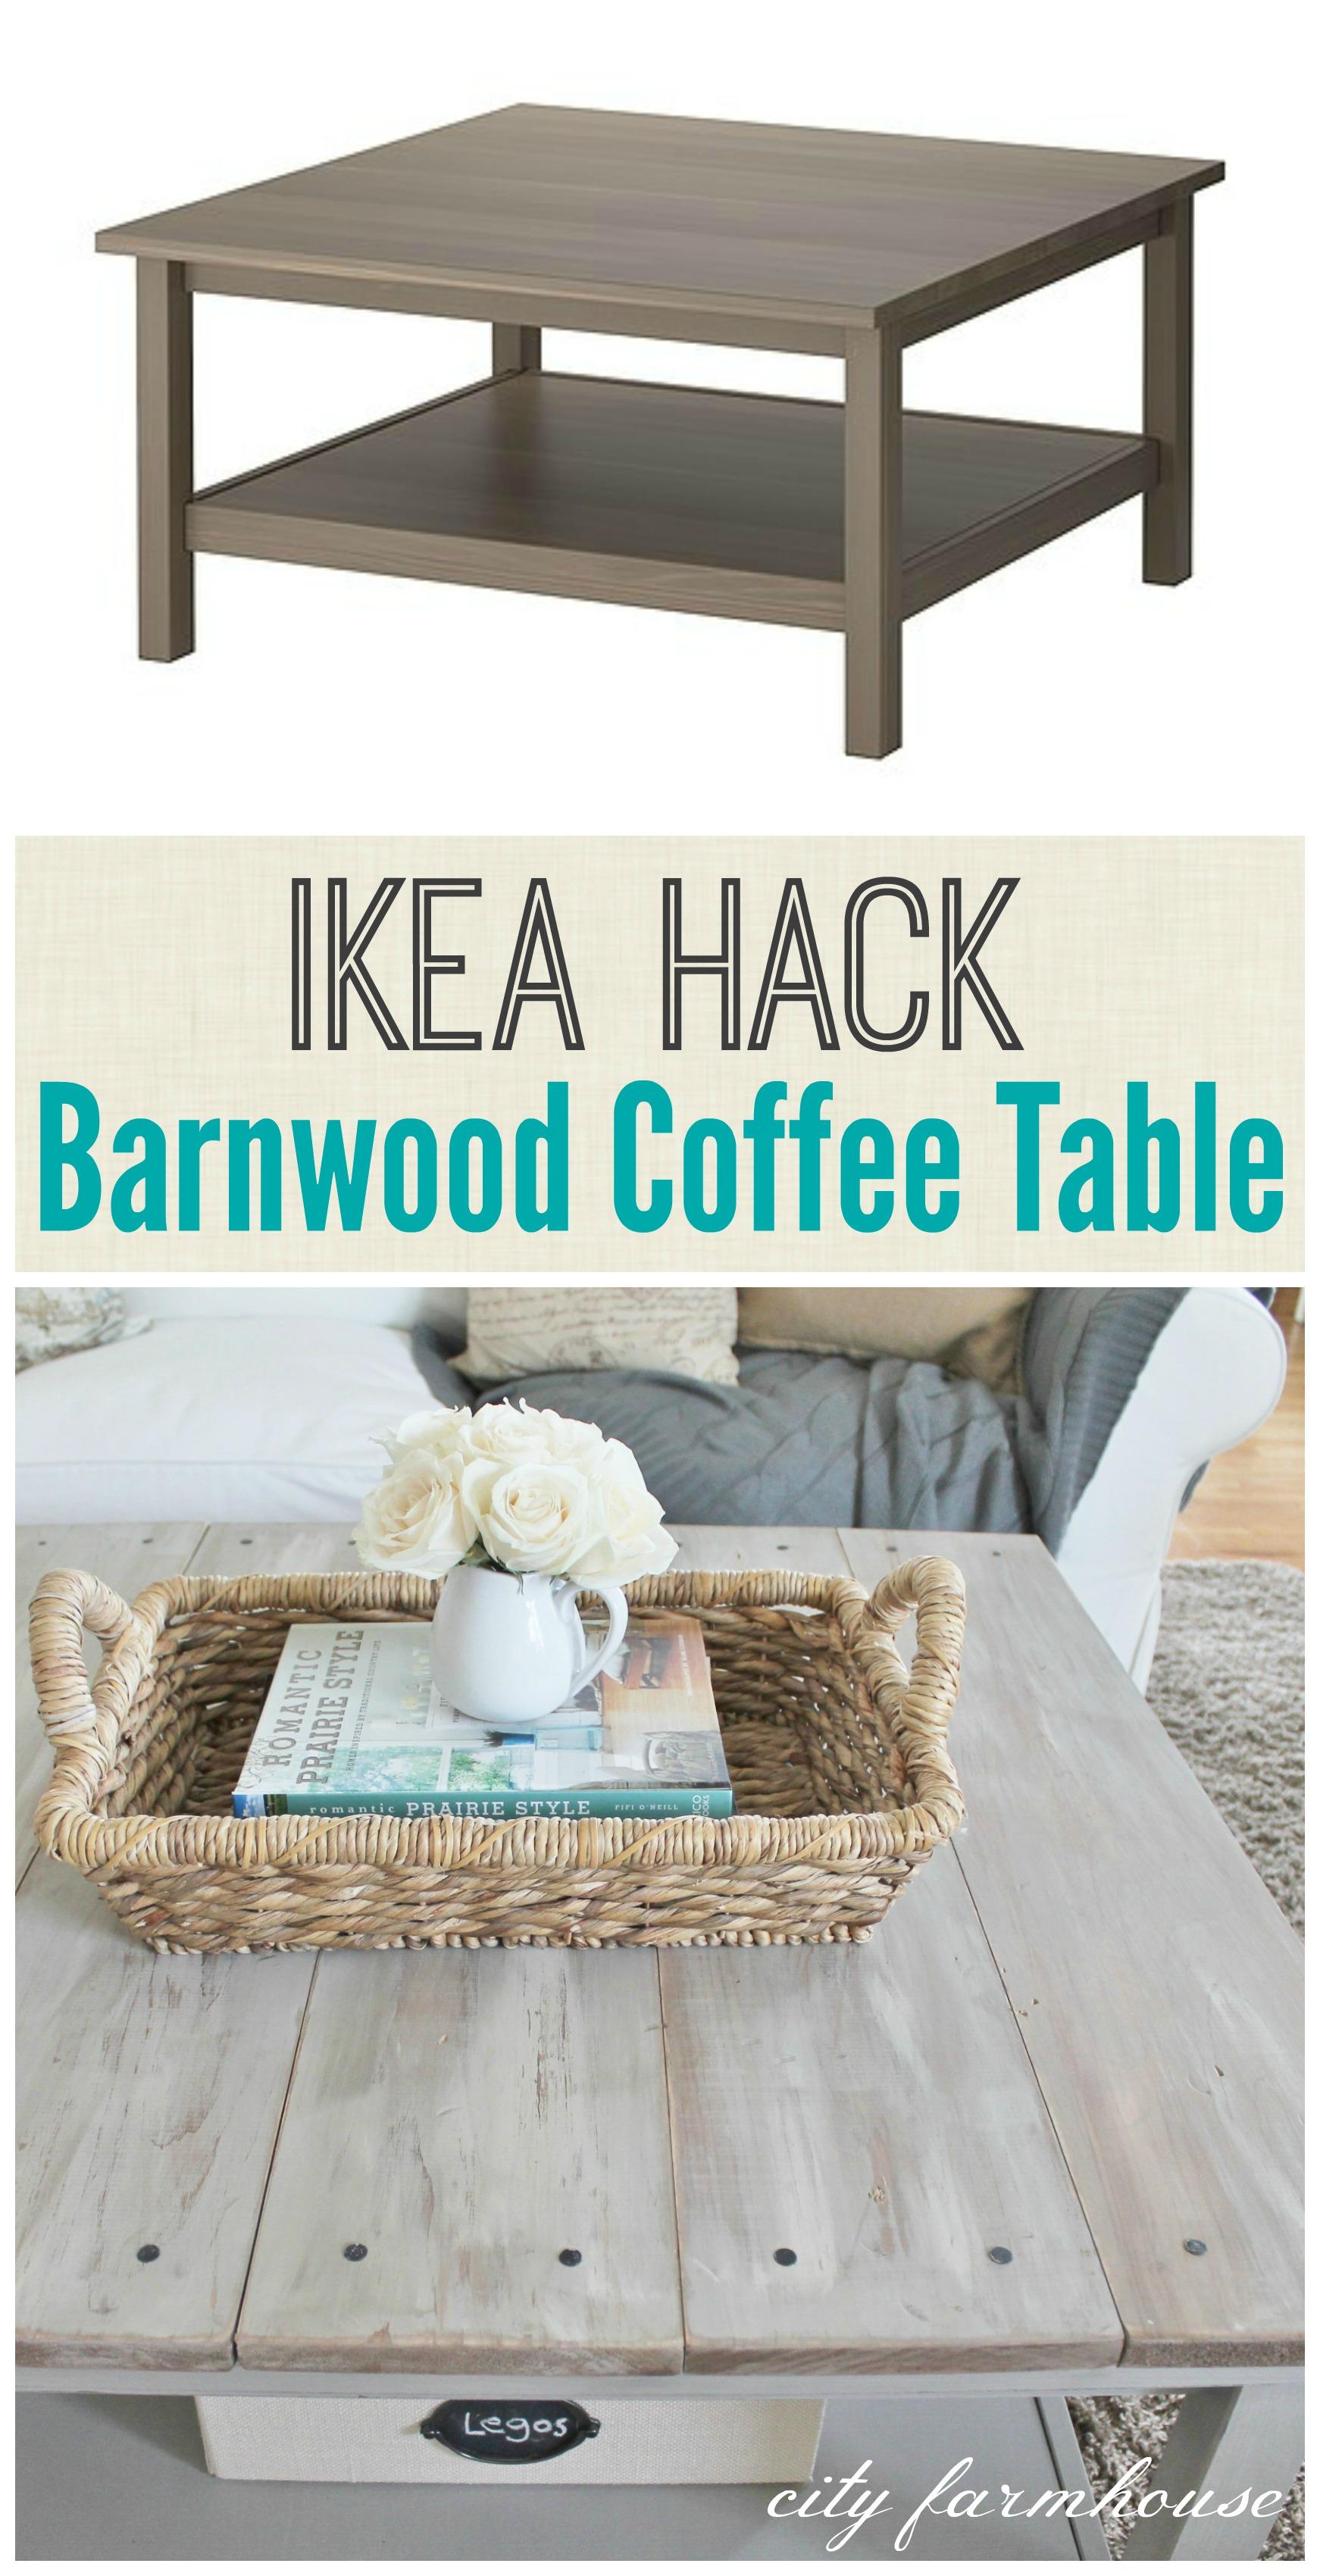 Ikea Barnwood Coffee Table